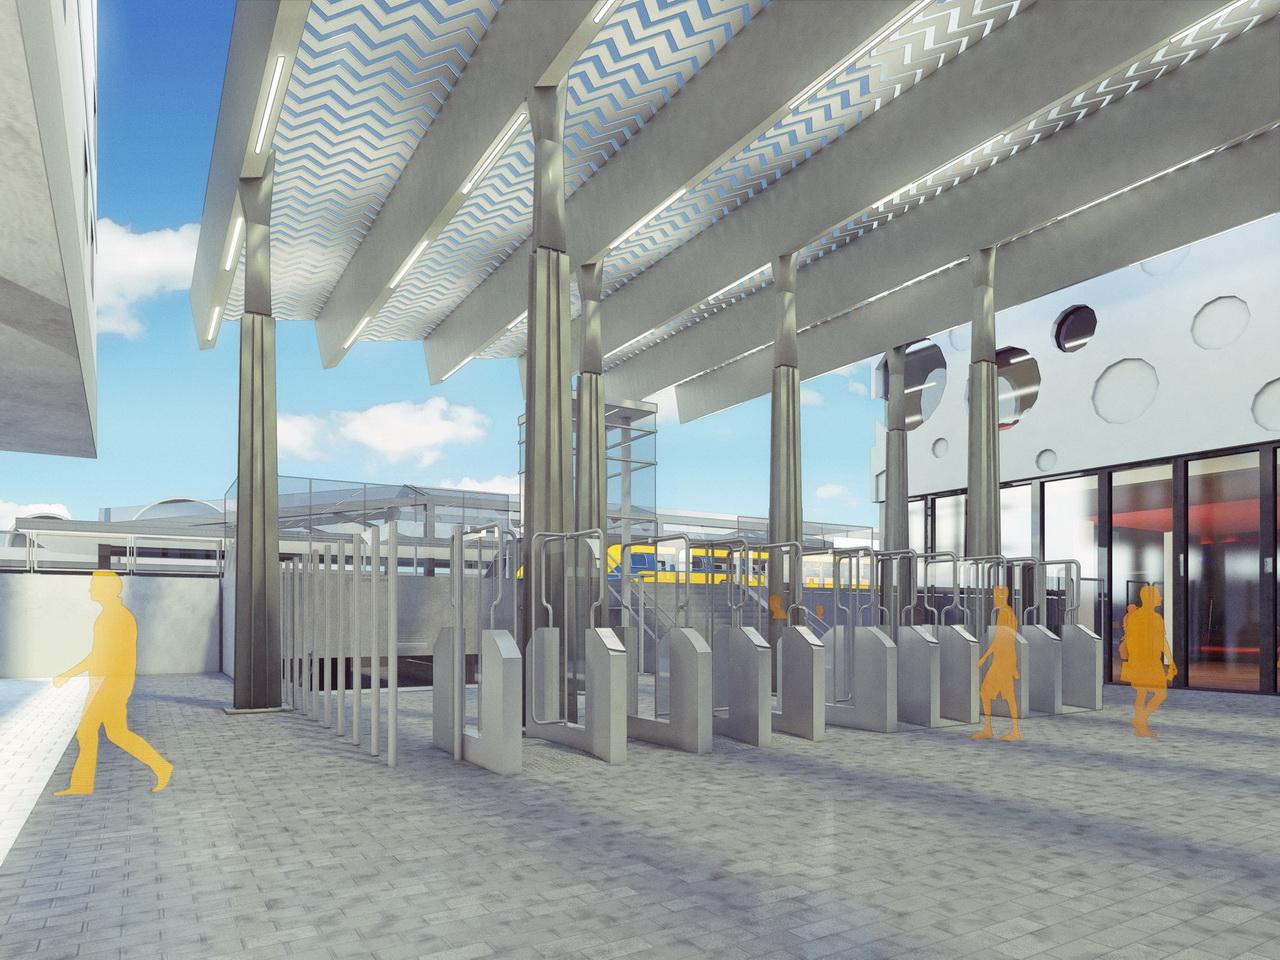 2066-tot-station-gouda-v13-0009